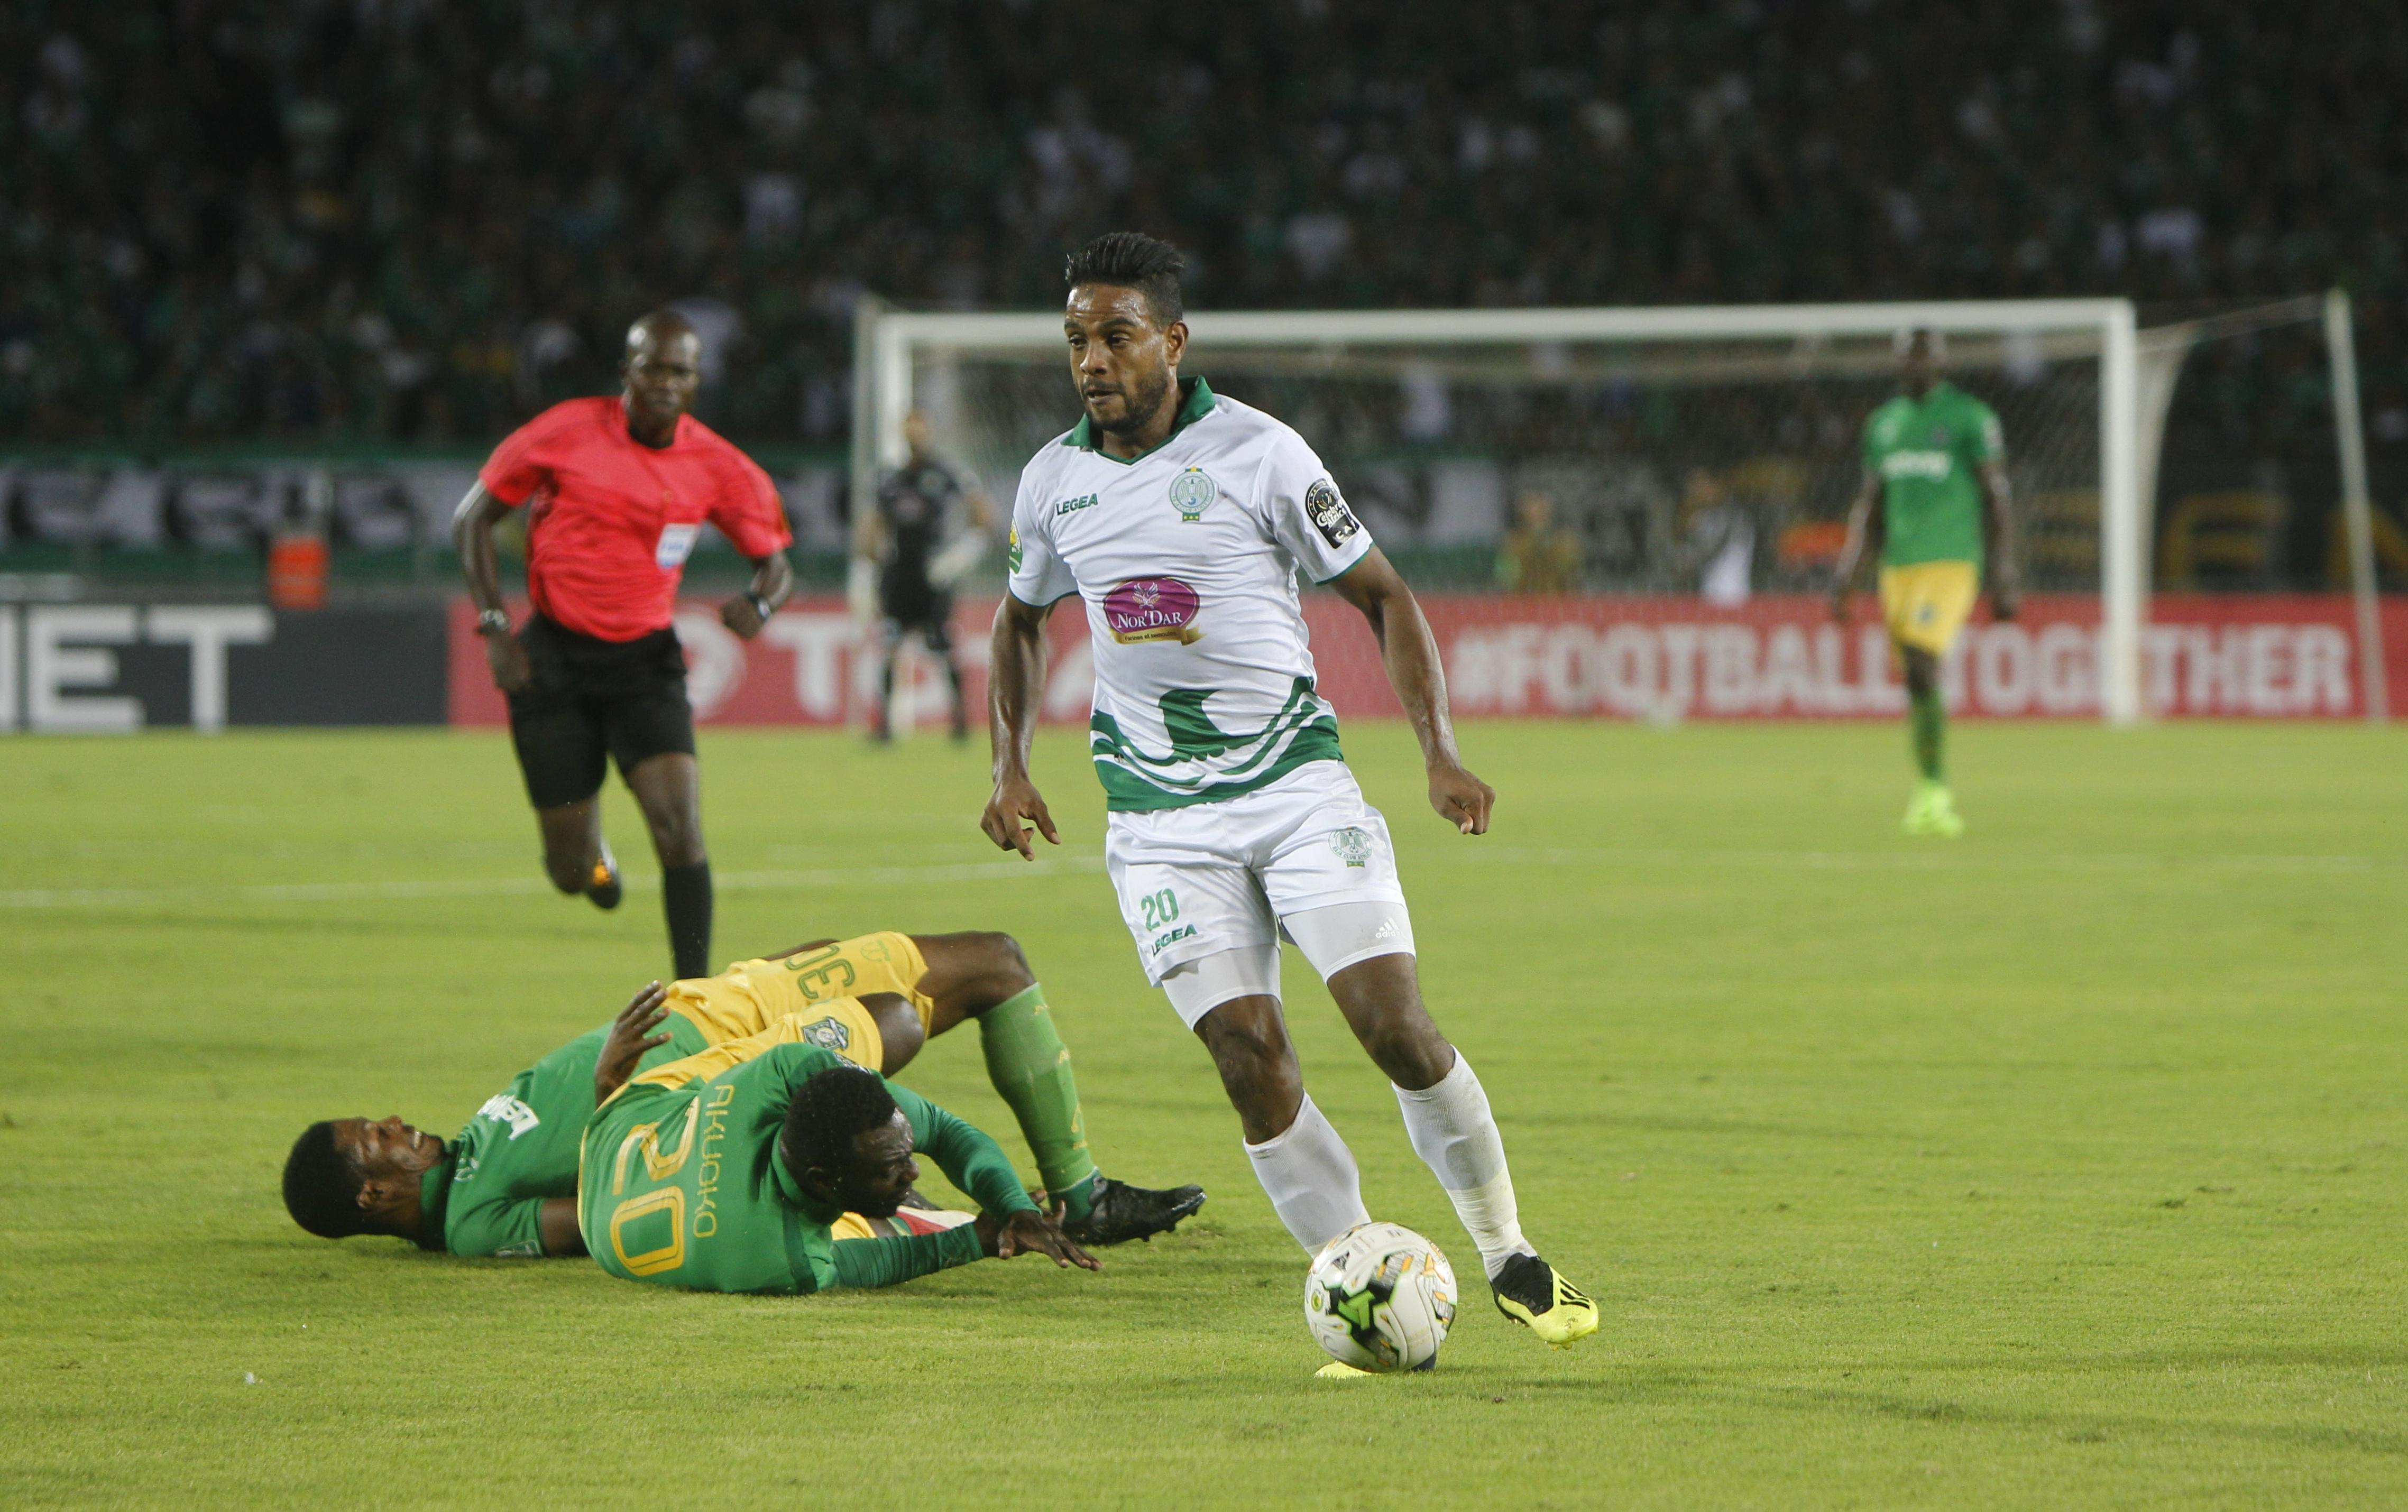 Coupe de la CAF : Carton plein pour le Raja